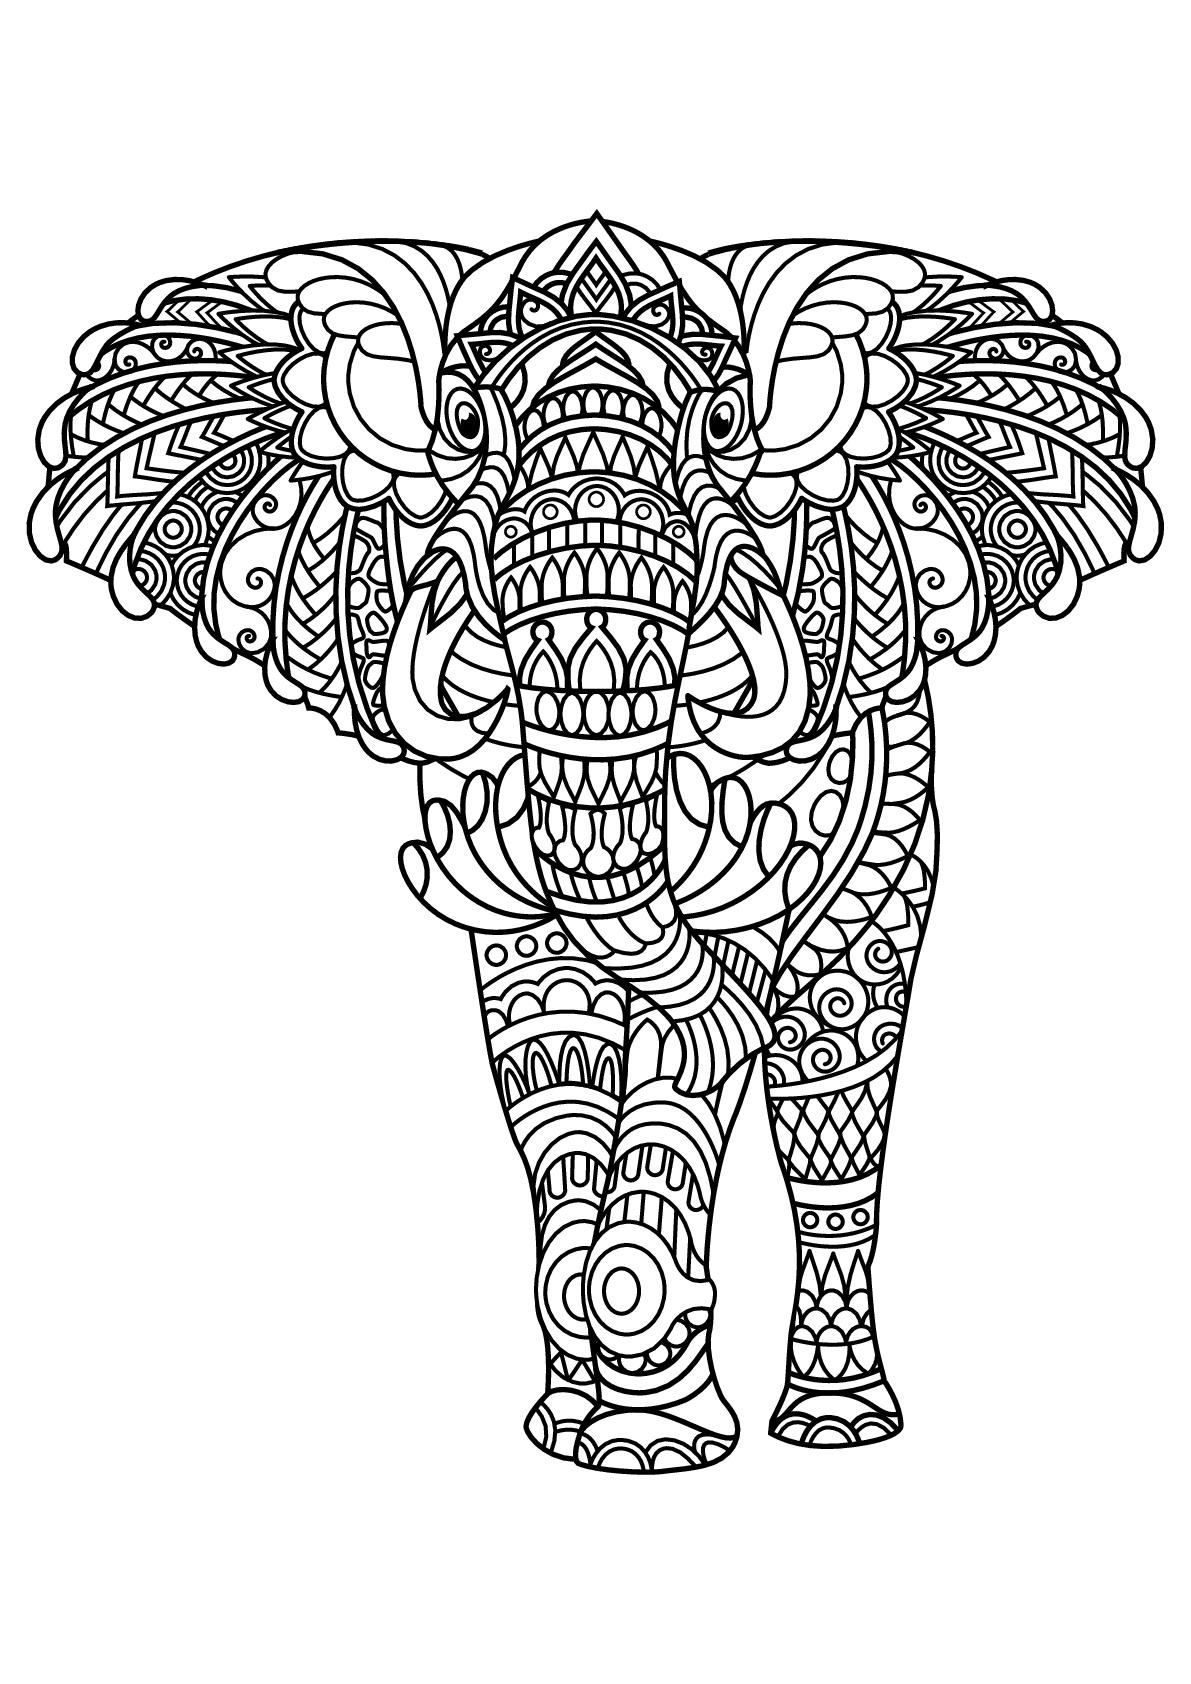 Disegni da colorare per adulti : Elefanti - 2